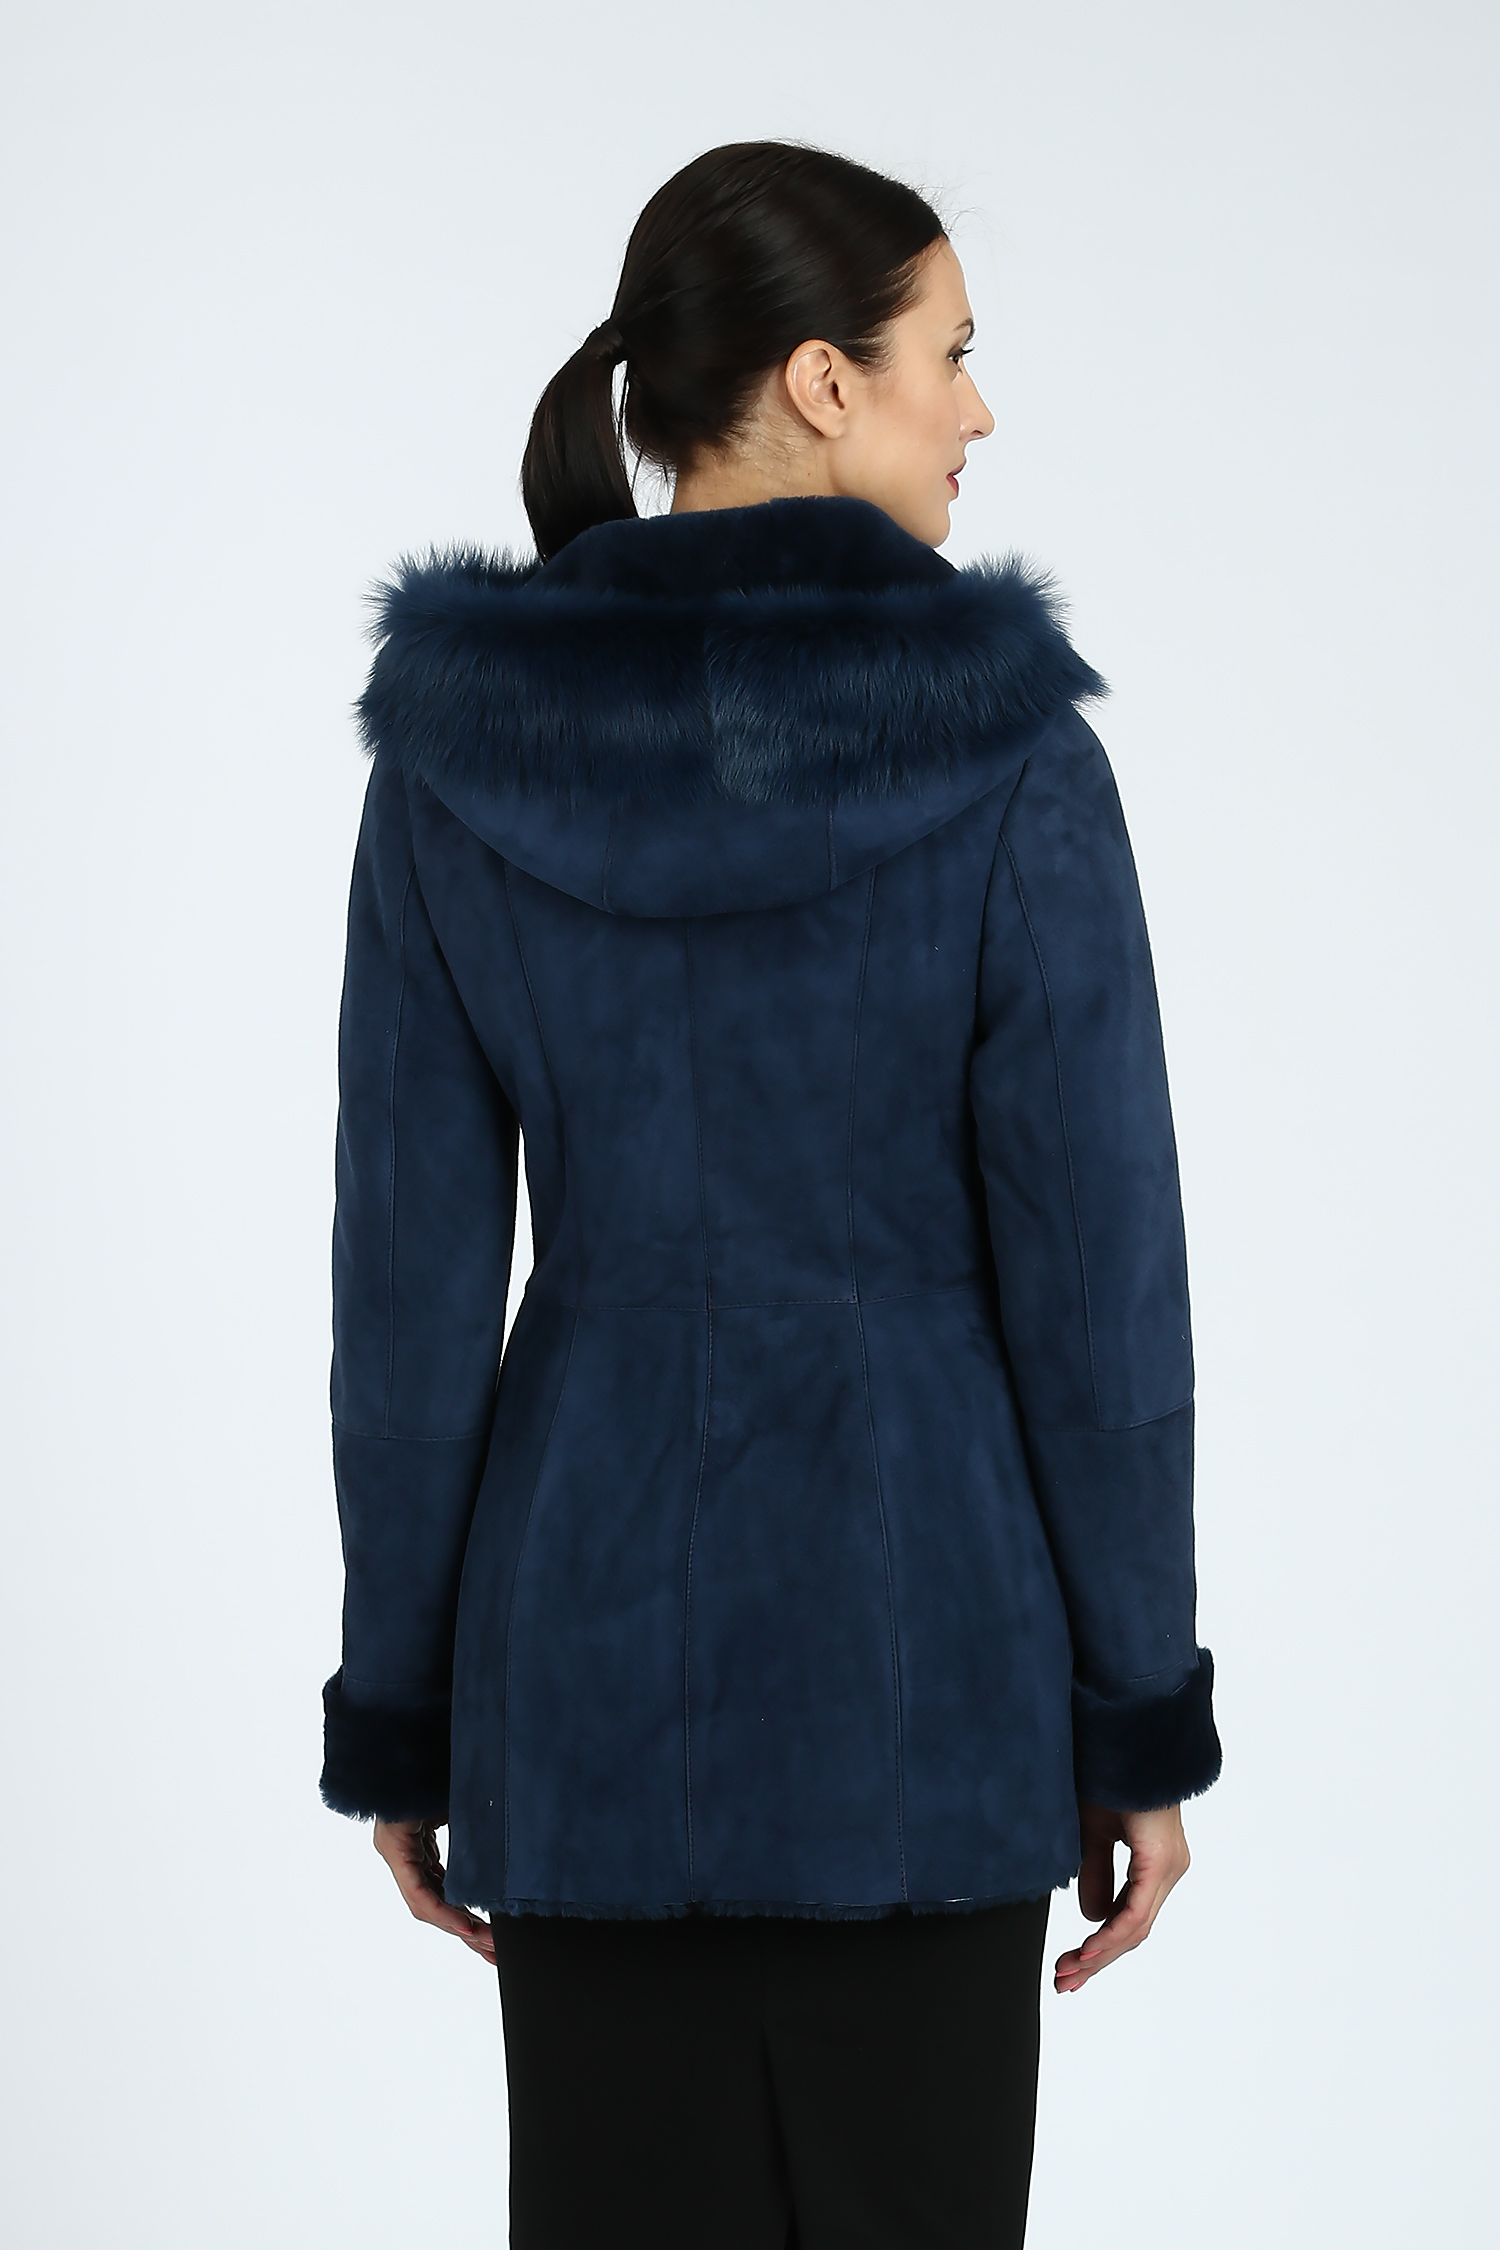 Прямое пальто из шерсти с асимметричным воротником-стойкой